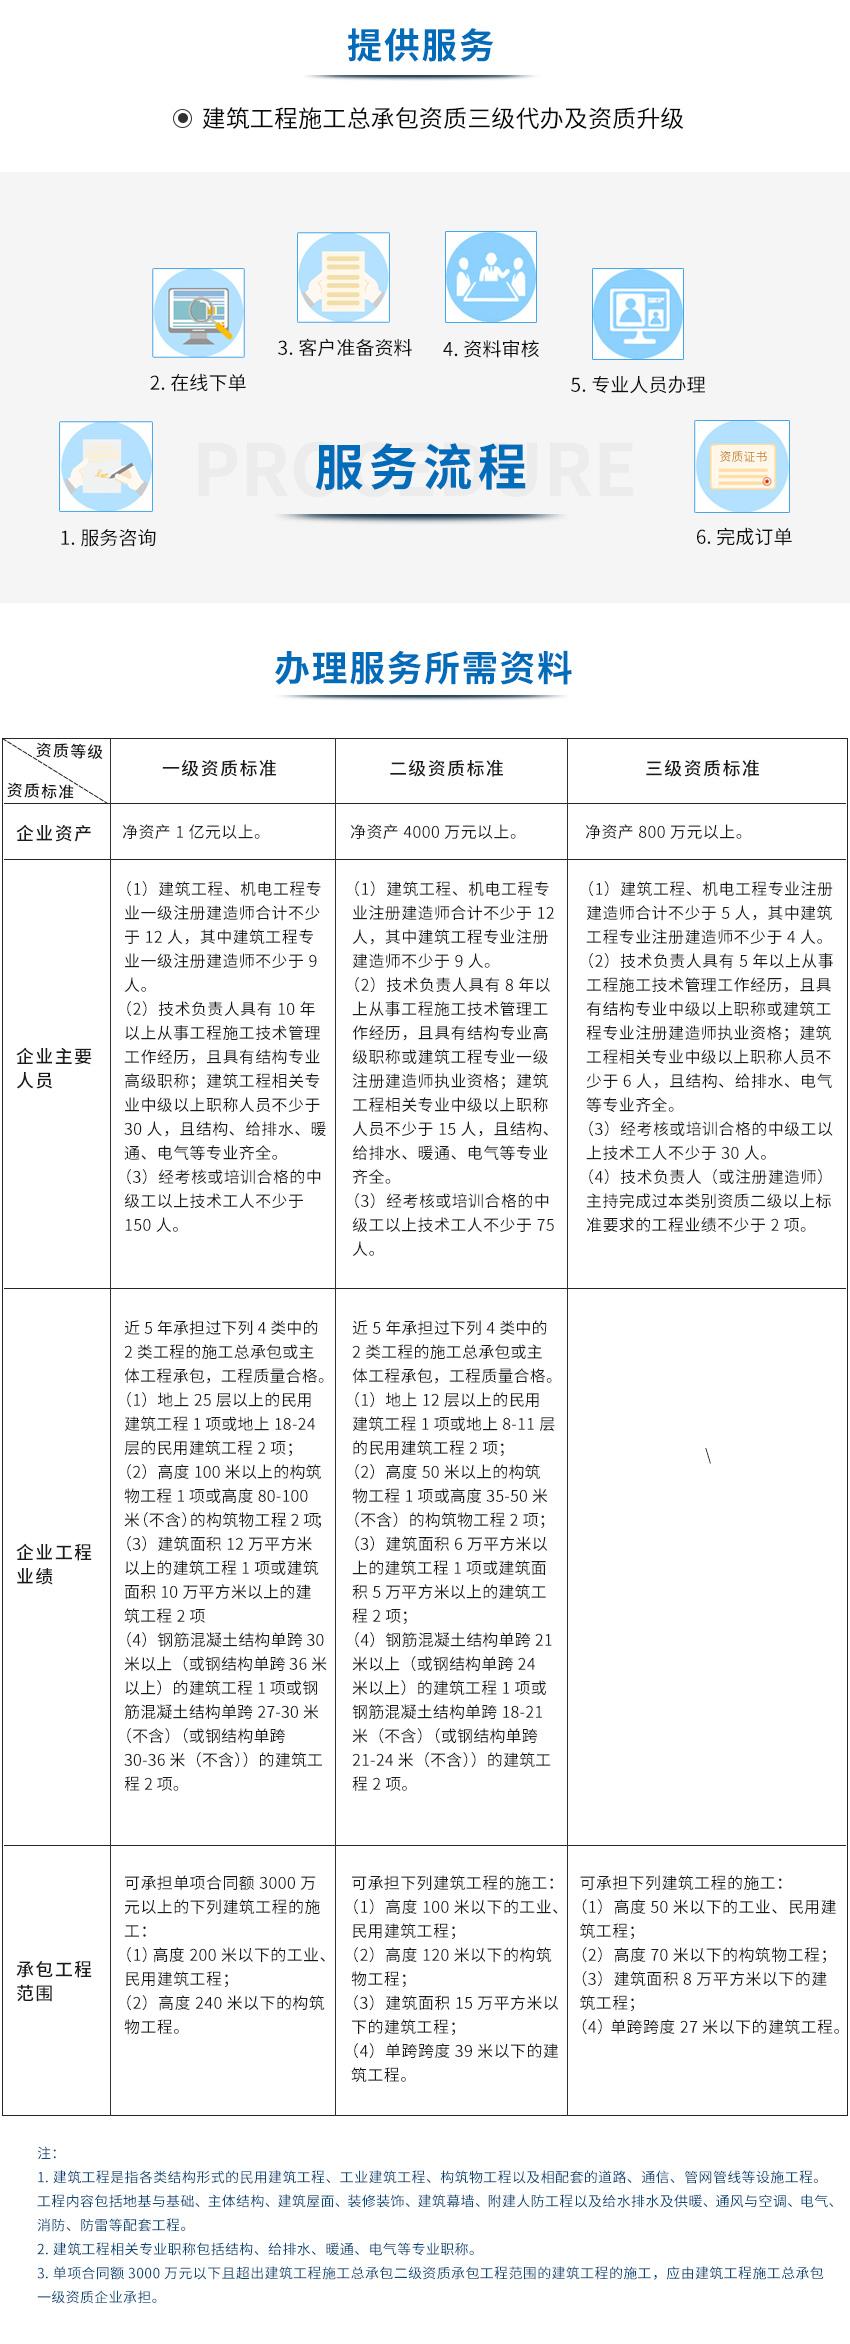 咕咕狗建筑工程施工总承包betway必威注册网址图1